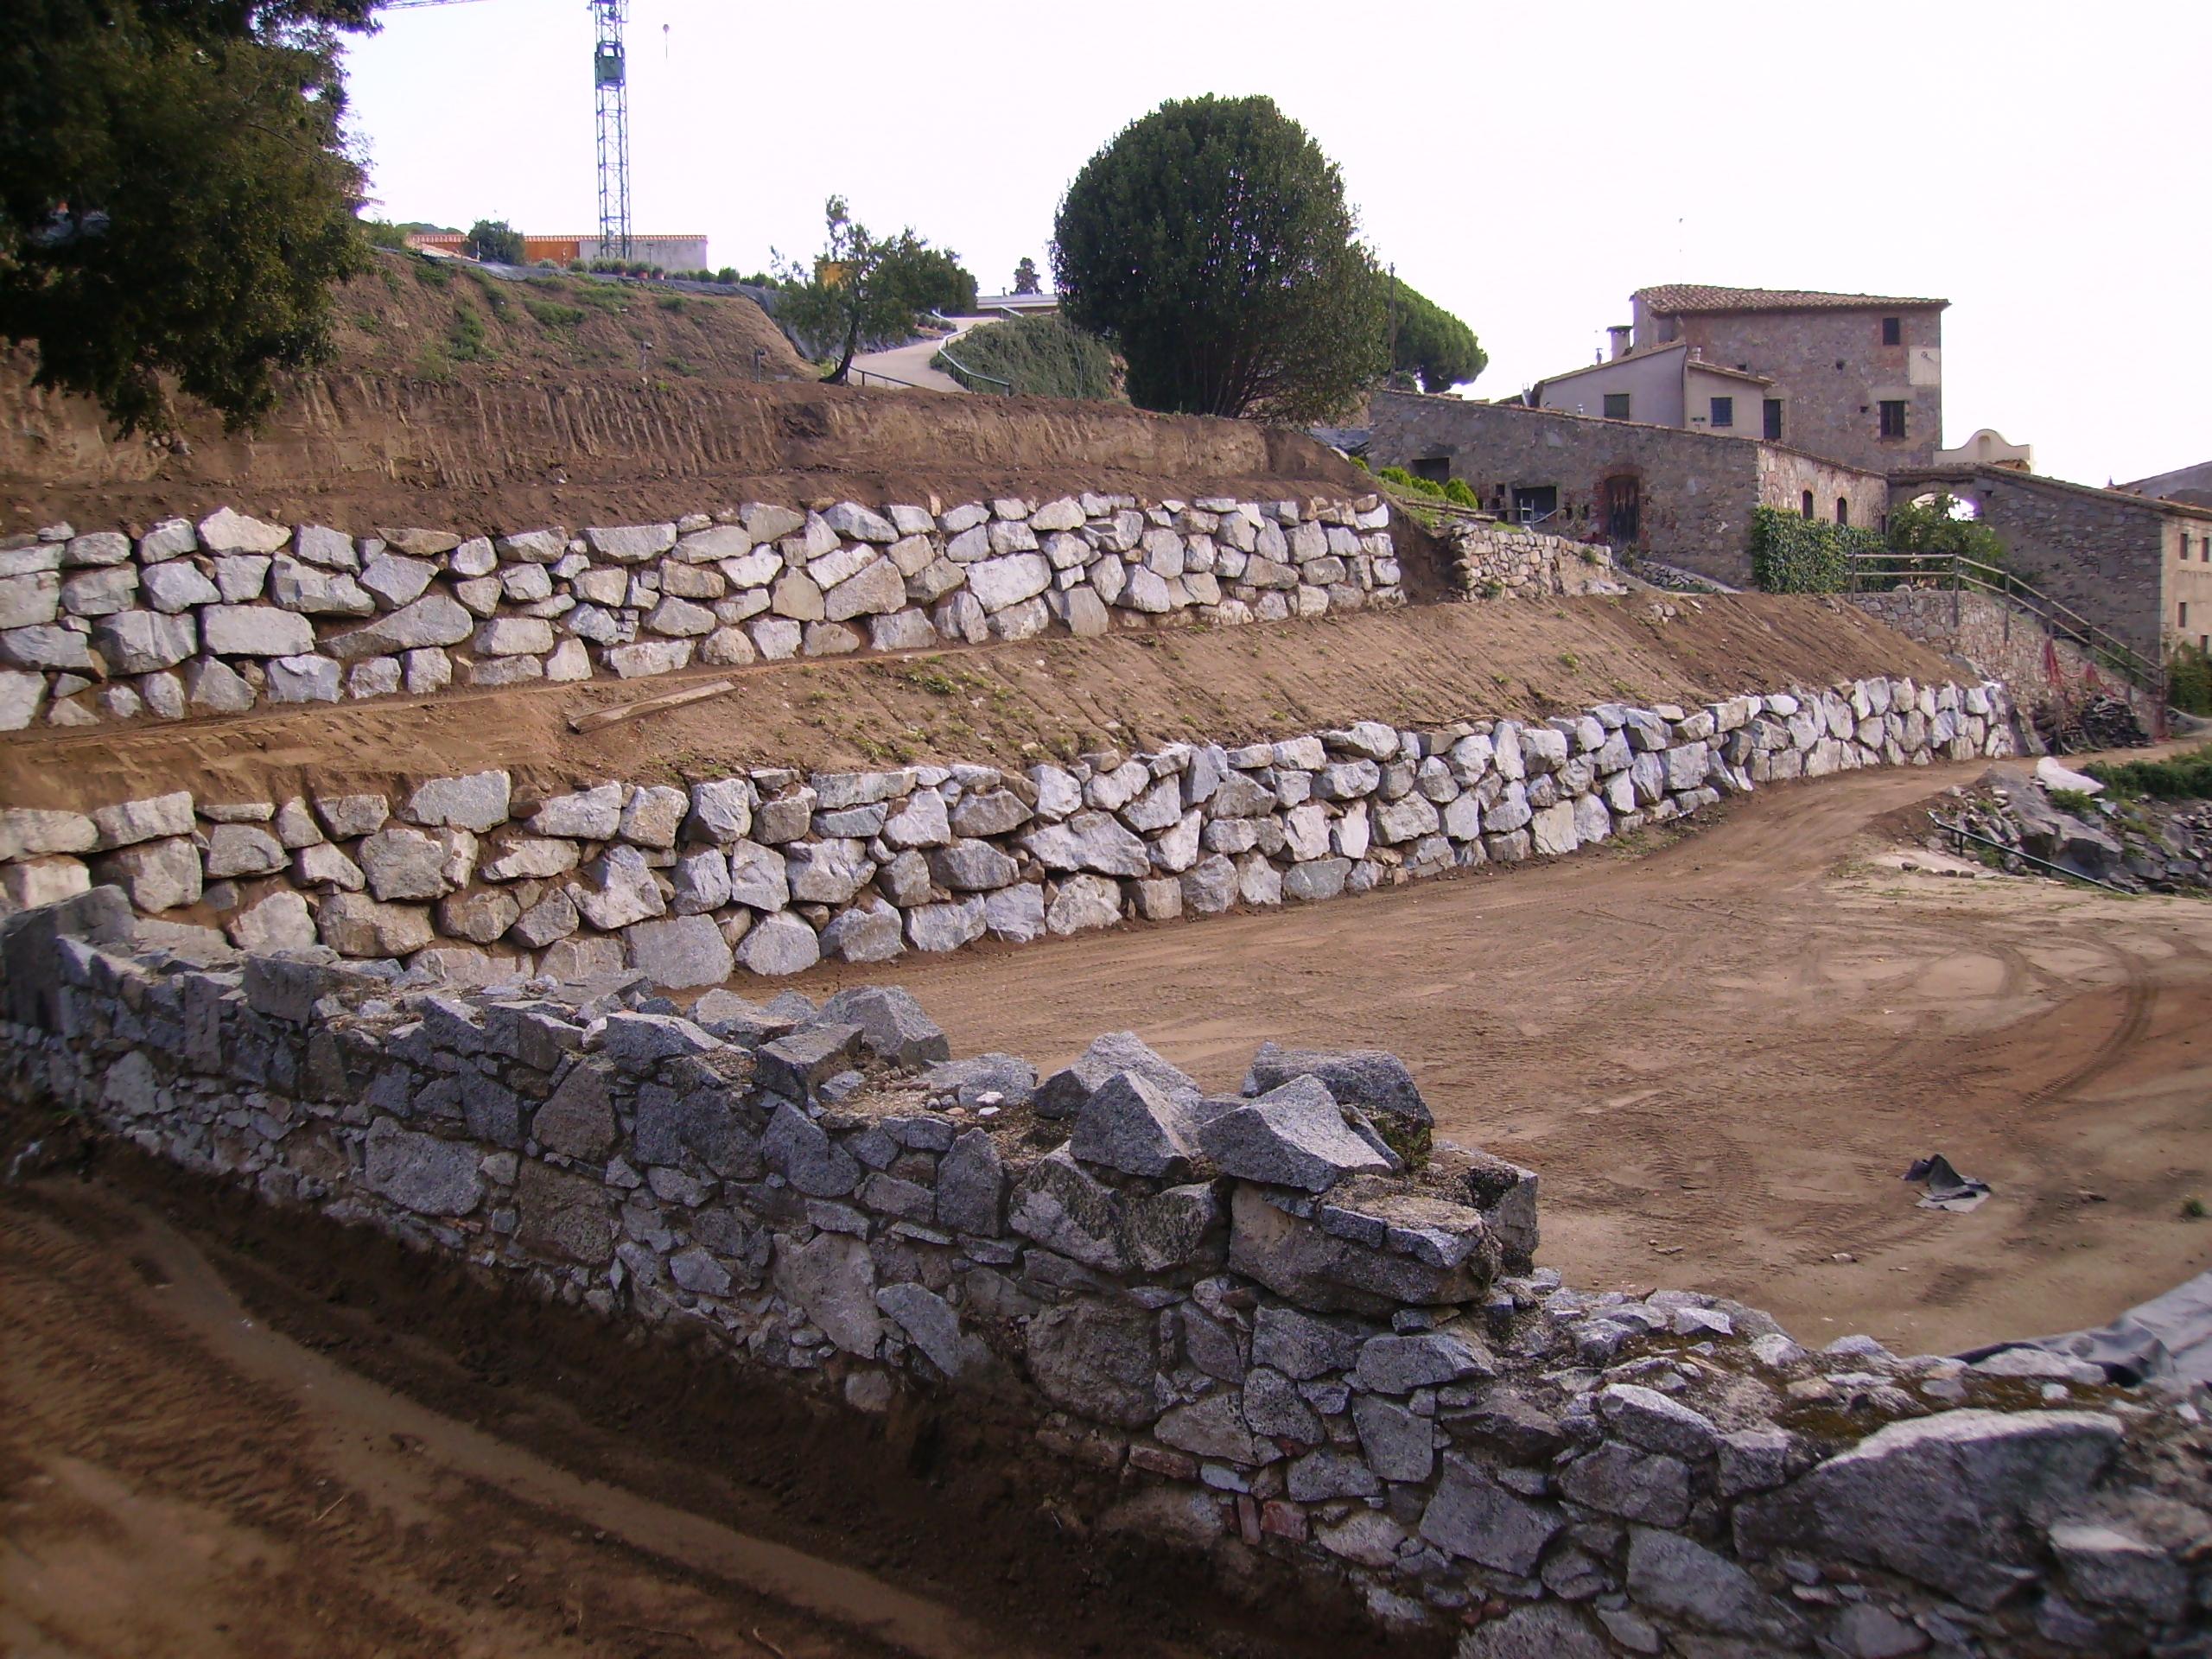 Muros de piedra o rocalla excavacions2rius - Muros de piedra ...